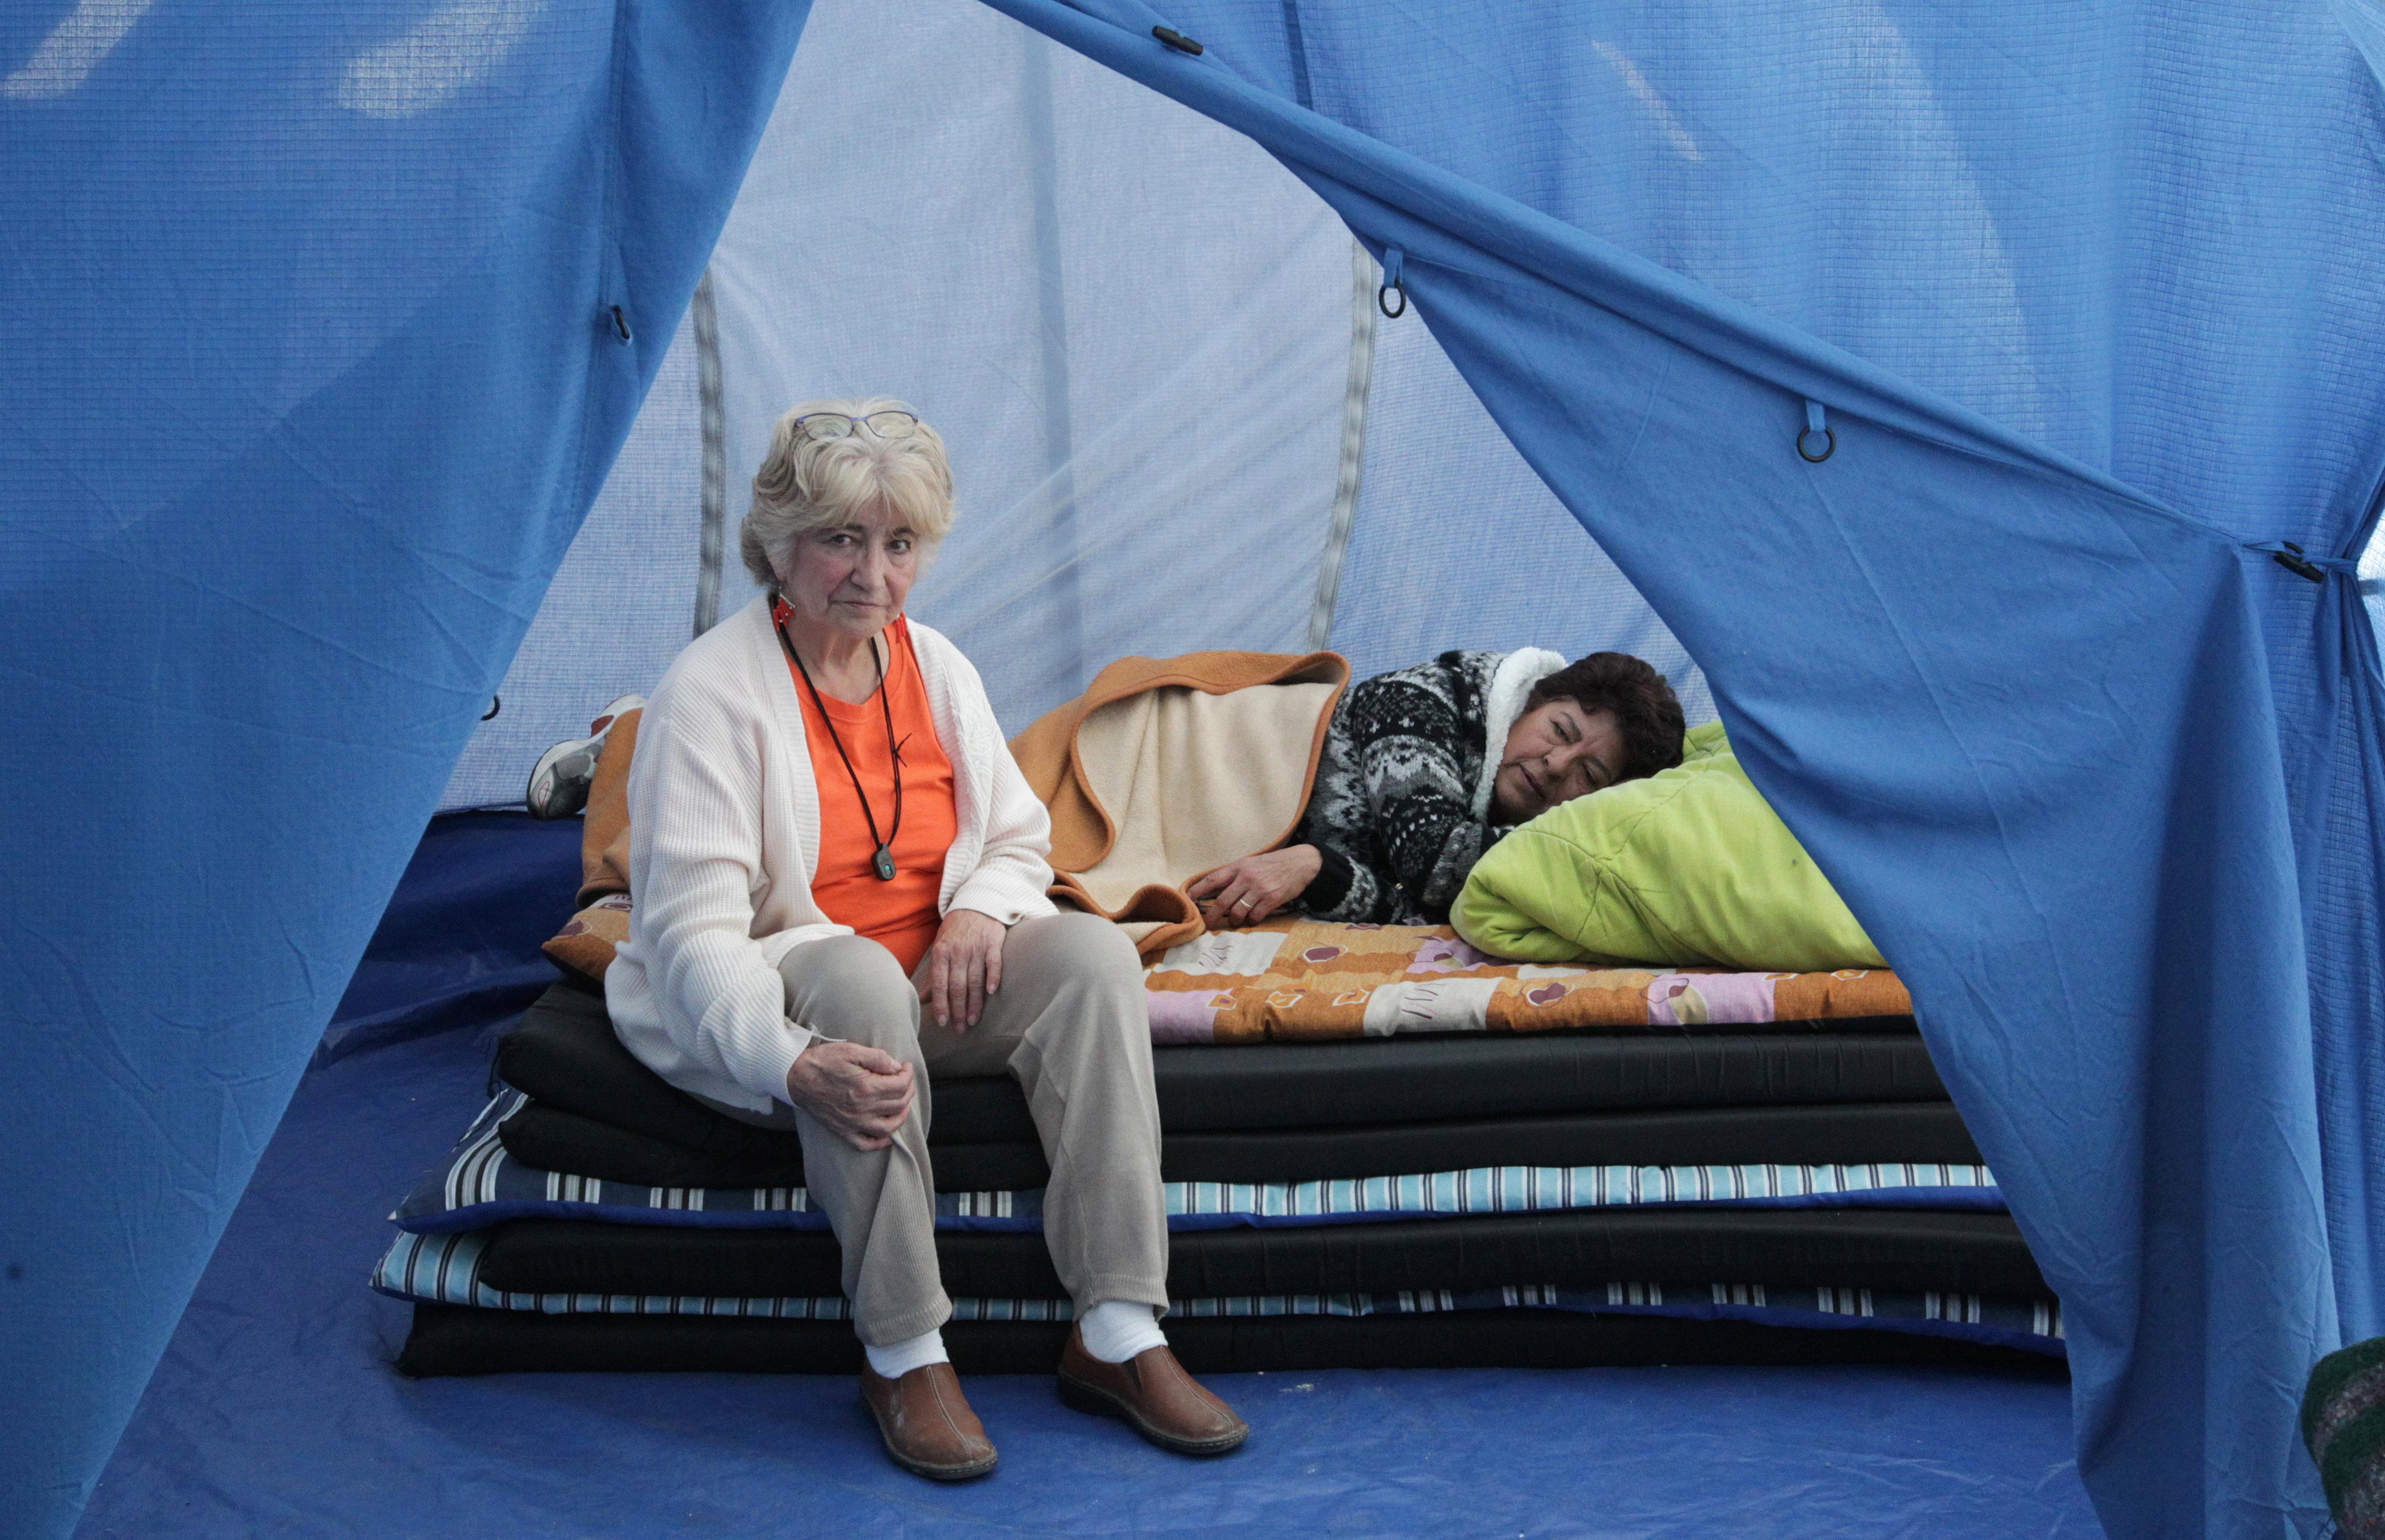 La desgràcia s'enquesta amb els més pobres tres mesos després de sisme a Mèxic. /MARIO GUZMÁN